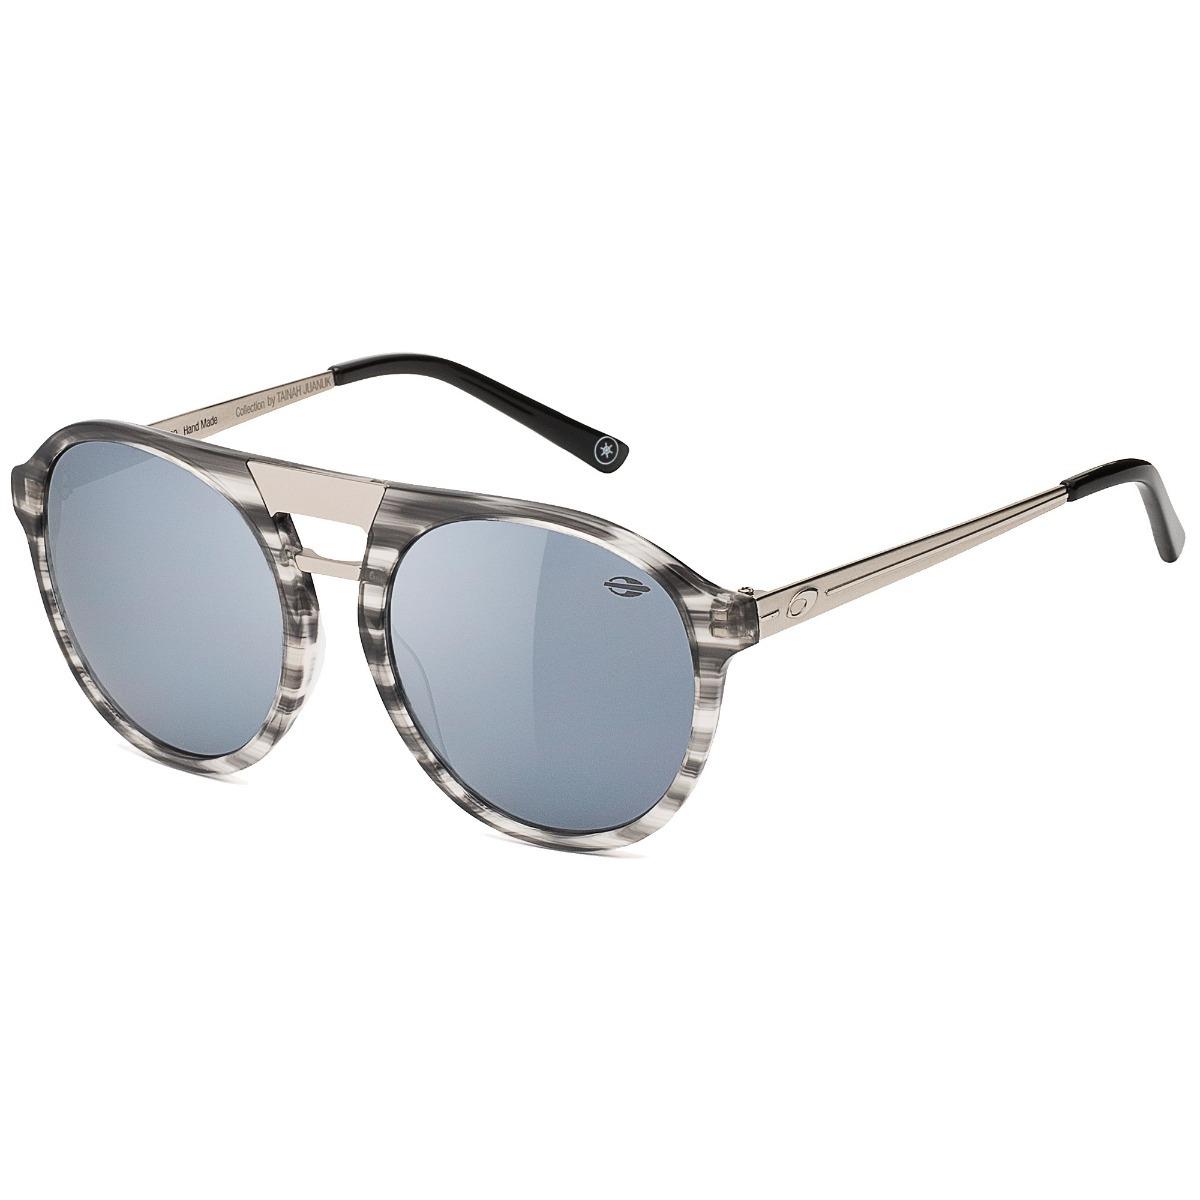 1c4e156c0 Óculos Solar Mormaii Tainah Juanuk M0006 C/ Nf + Certificado - R$ 219,00 em  Mercado Livre